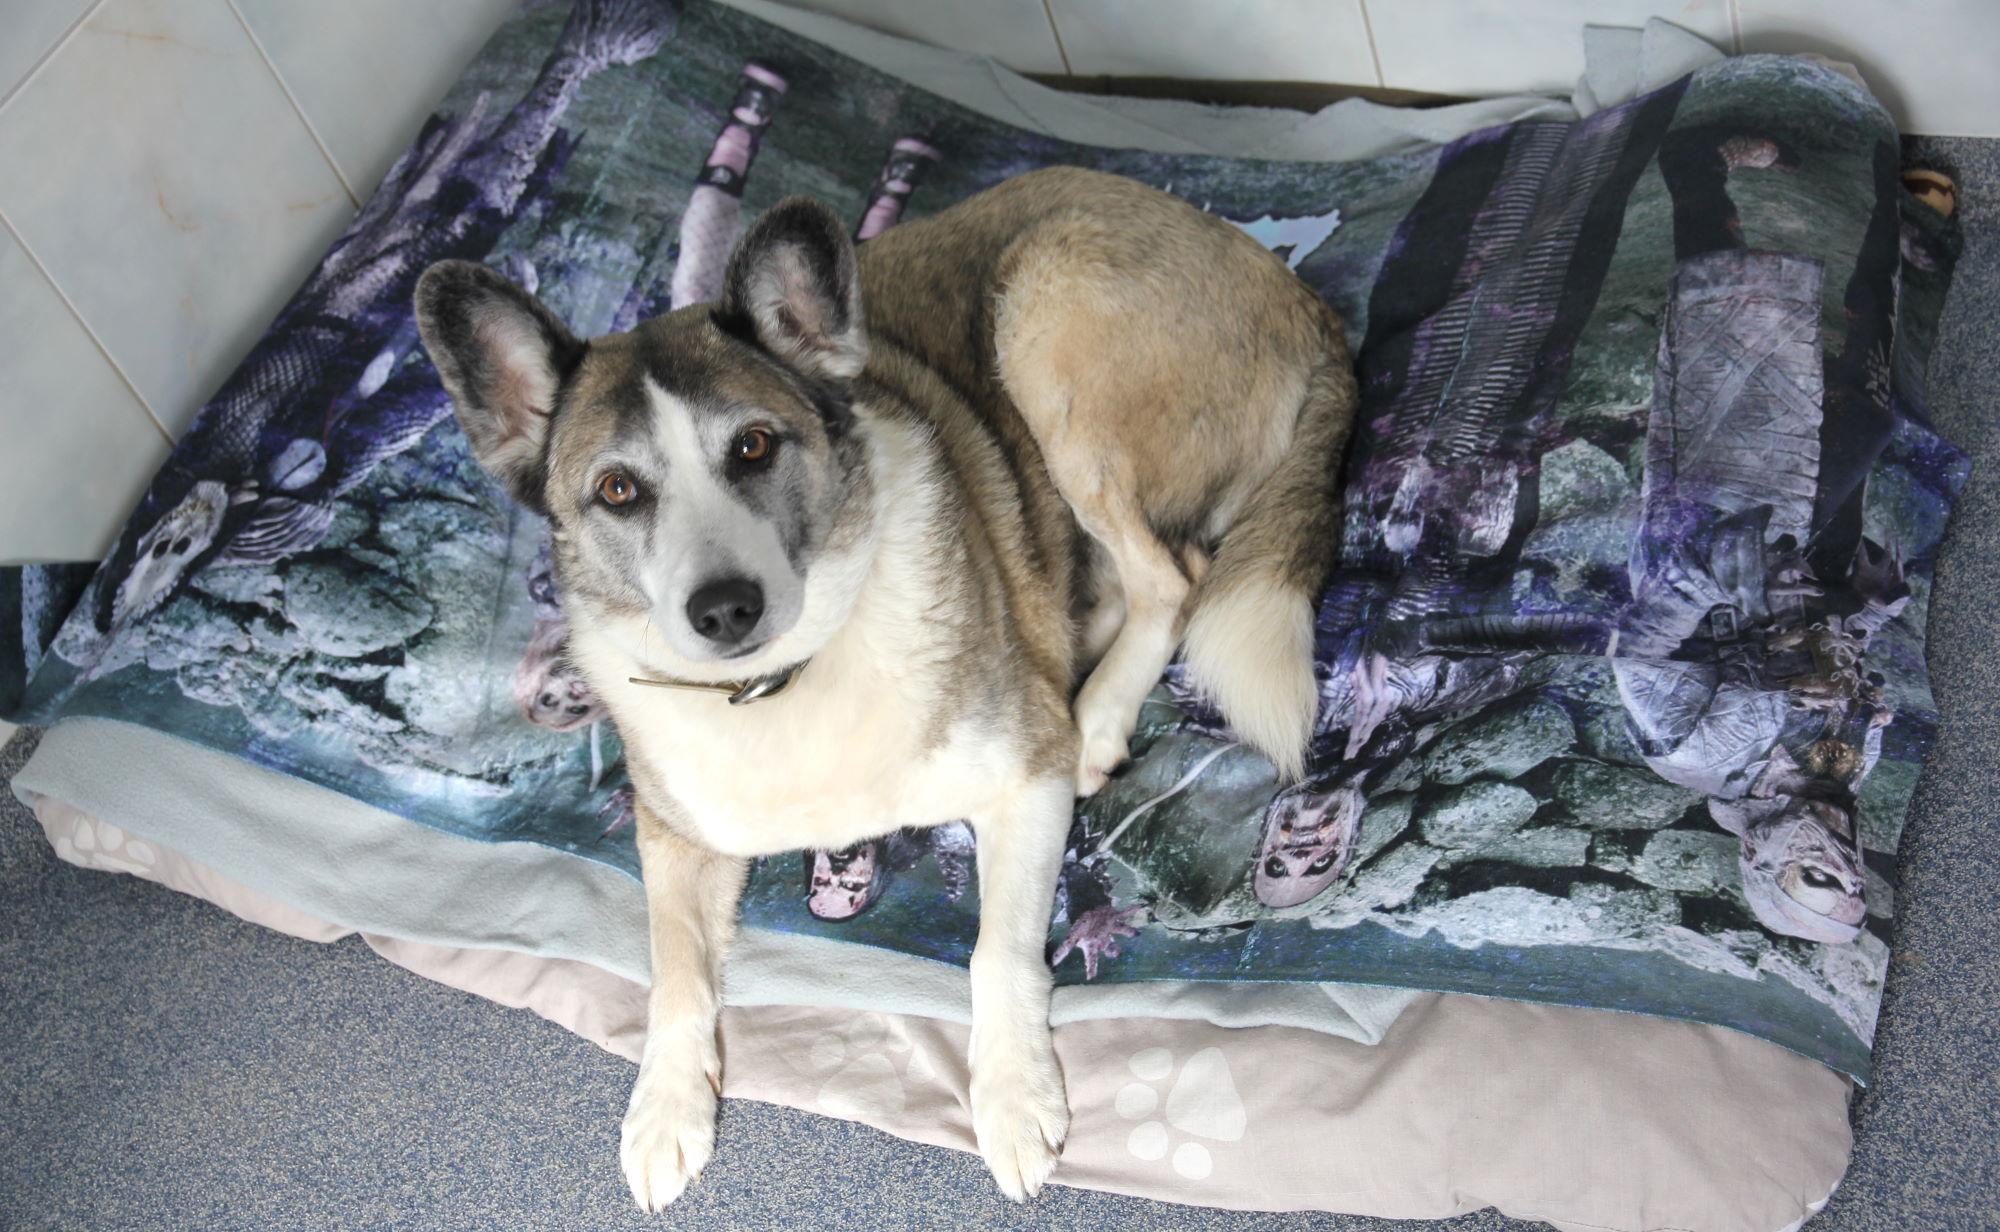 Haushund statt Reißwolf <br>Duschtücher werden zu Tierdecken